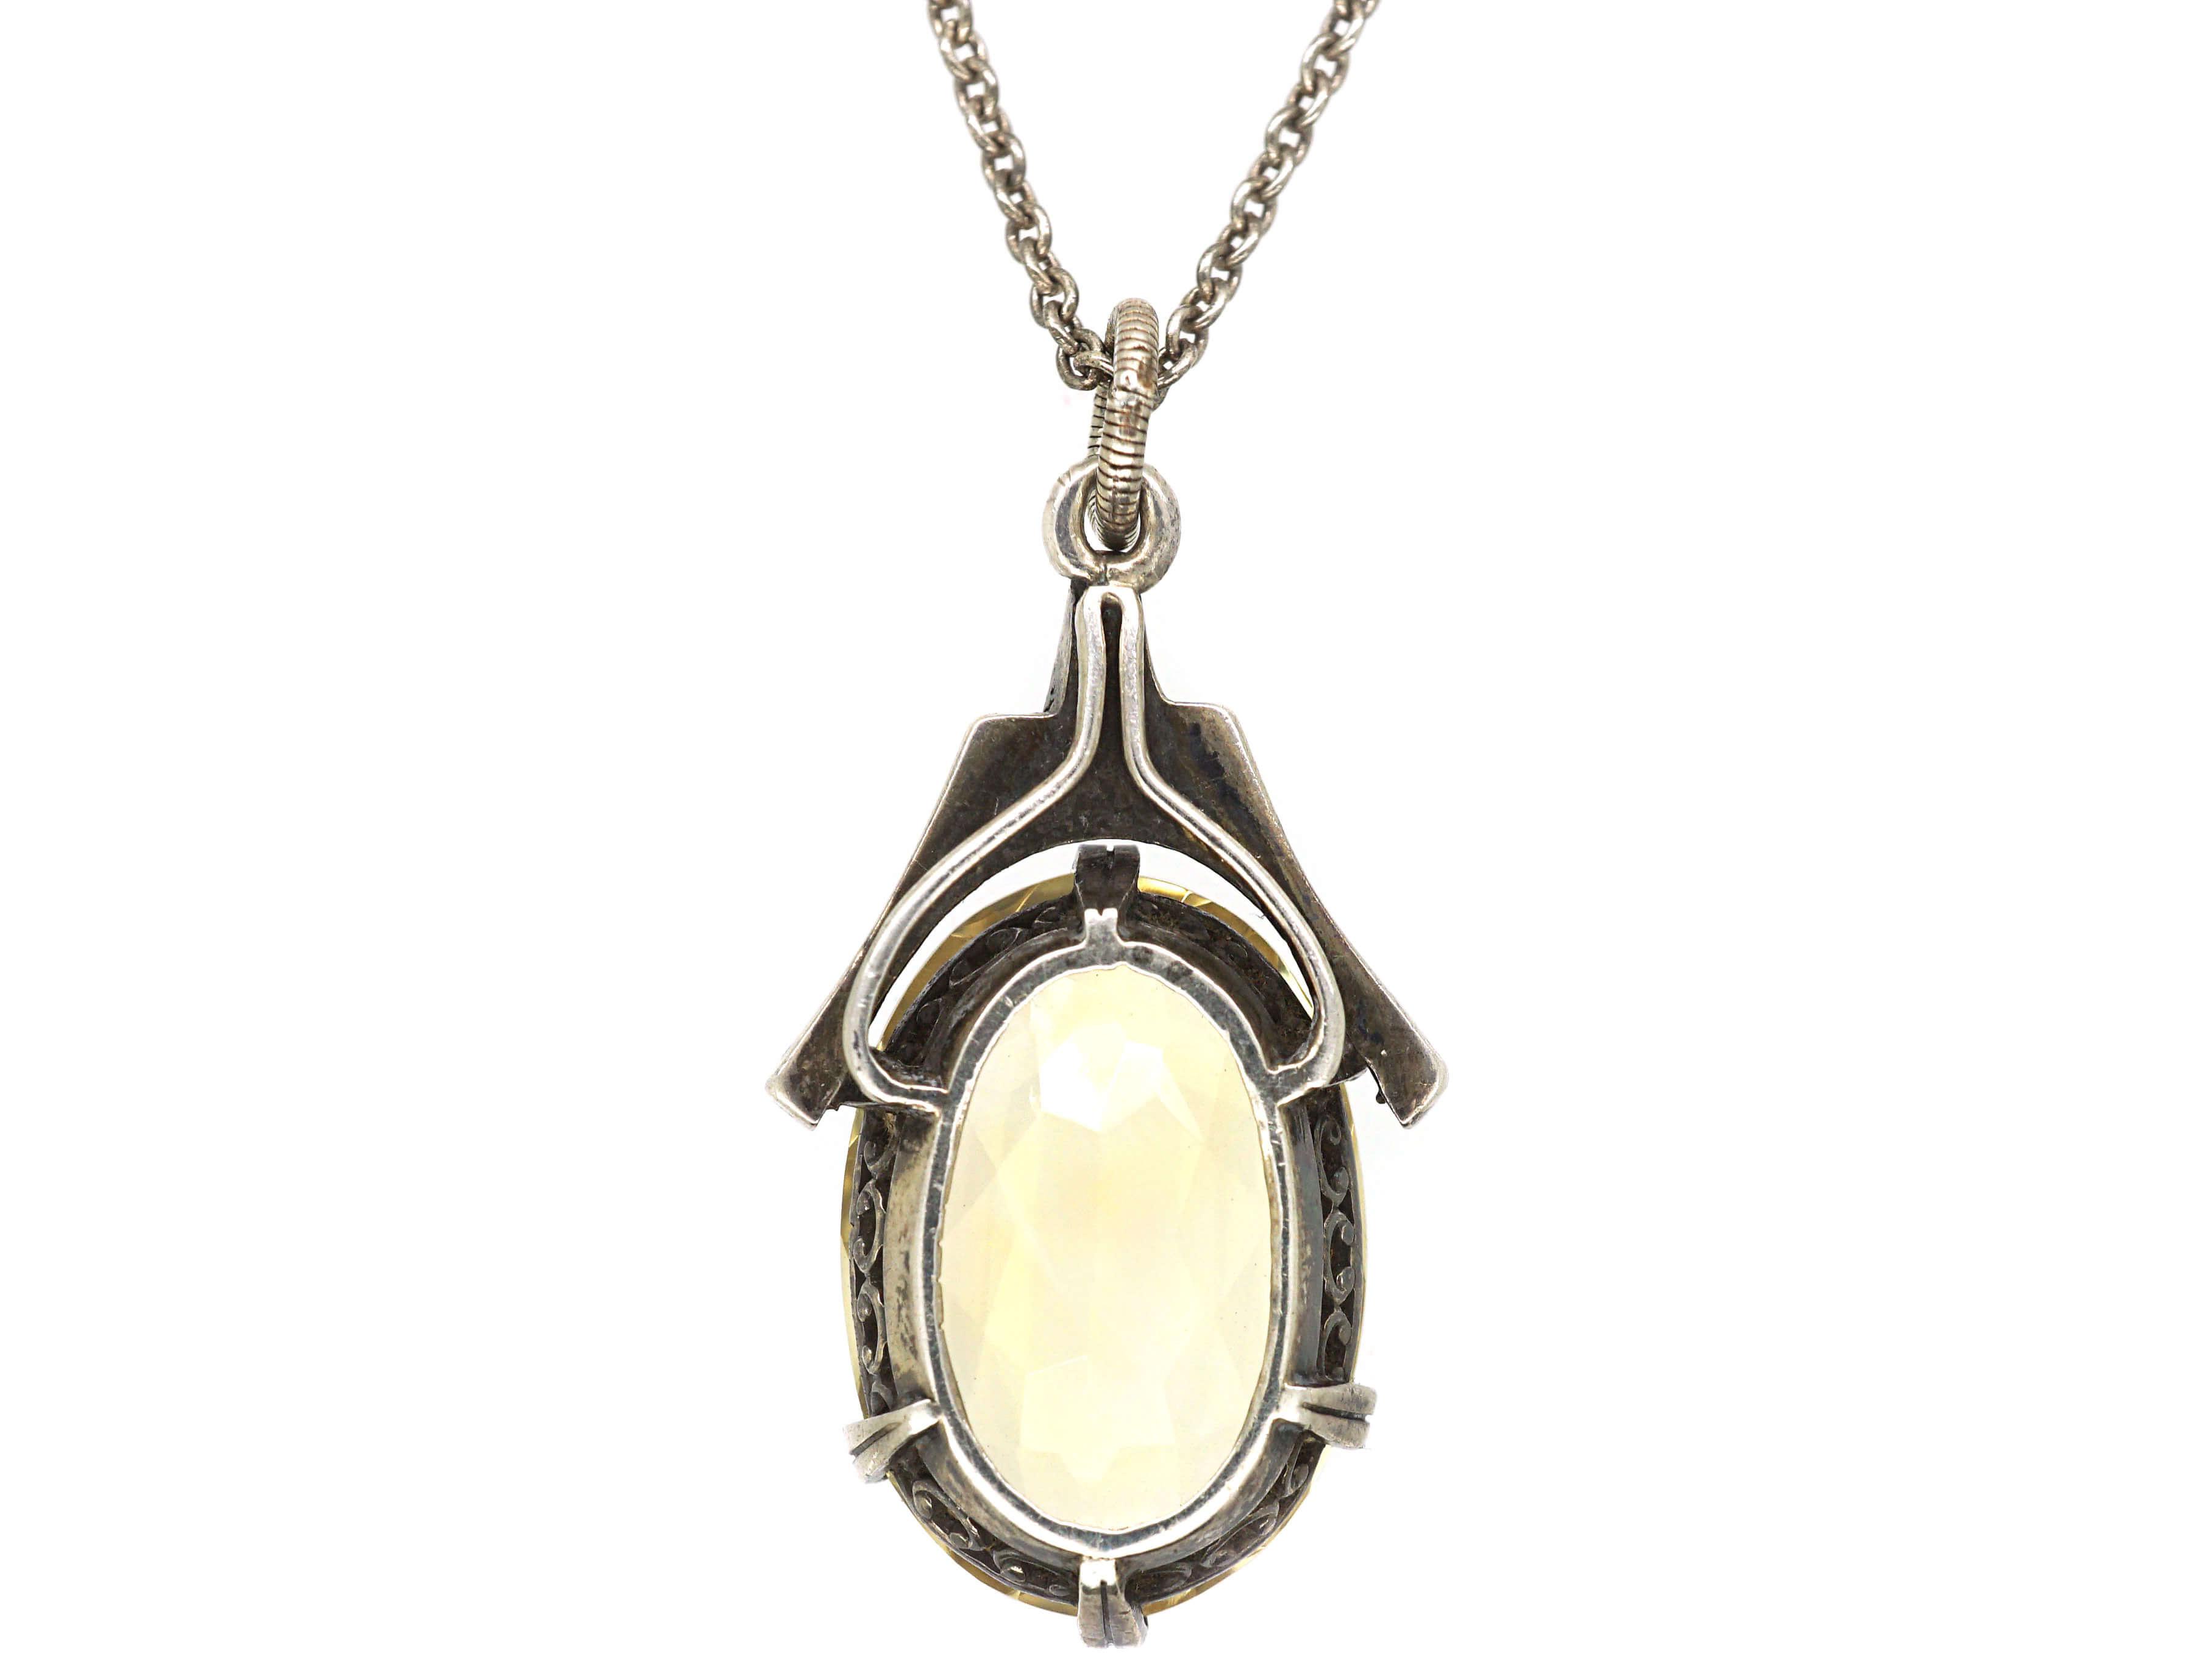 Art Deco Silver, Marcasite & Citrine Pendant on a Silver Chain